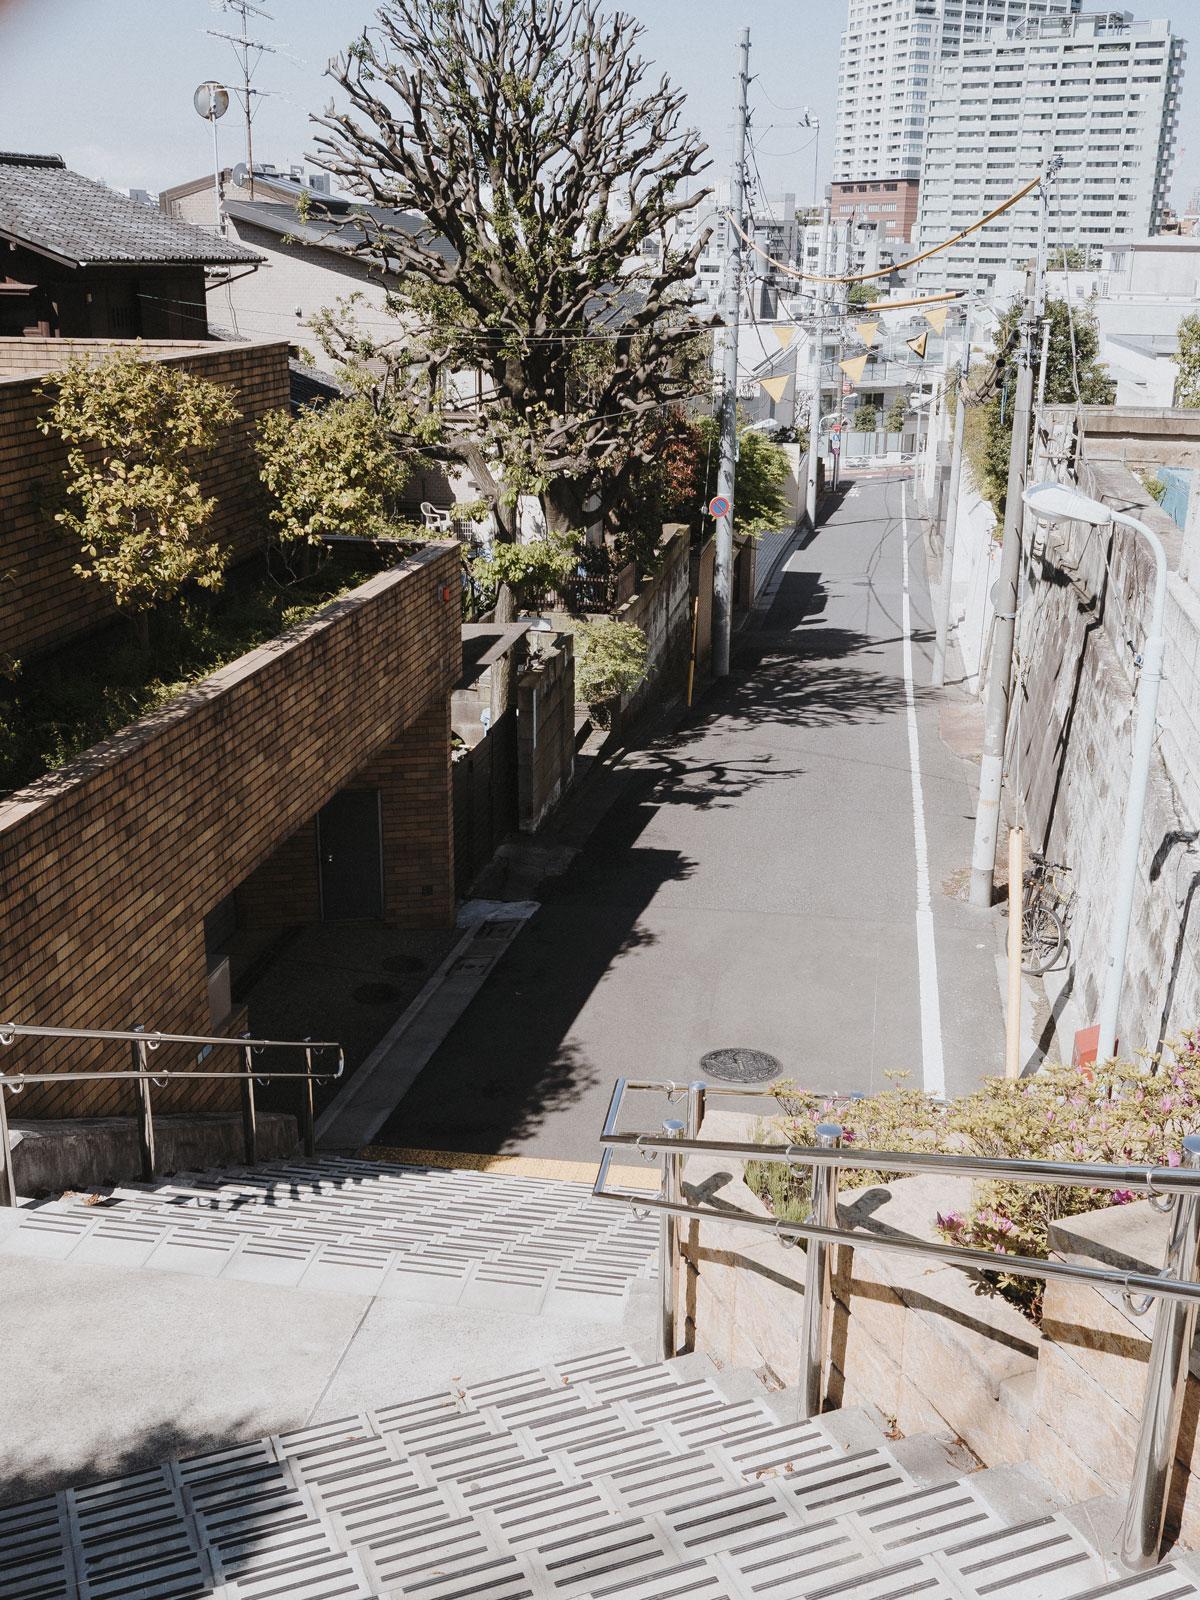 charlie-may-japan-tokyo-aoyama-22